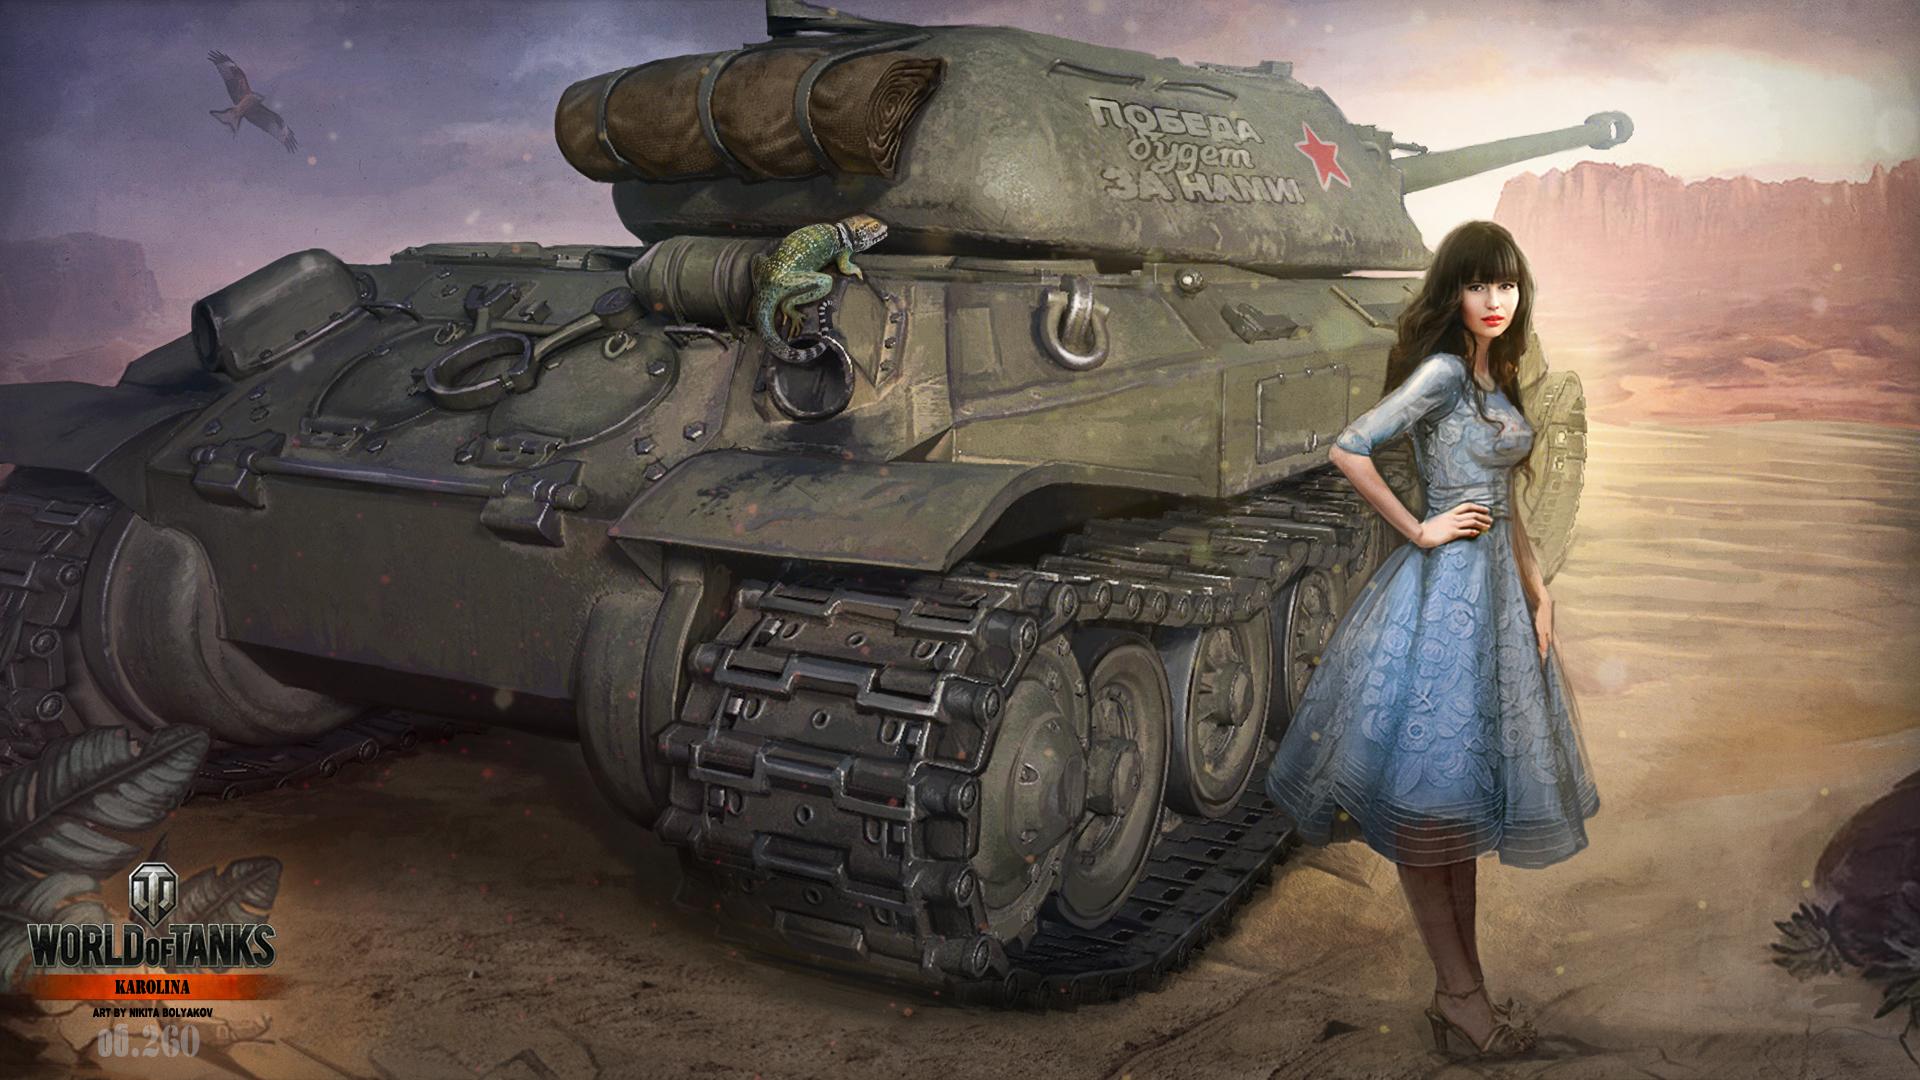 обои на рабочий стол танки world of tanks девушки № 204912 бесплатно